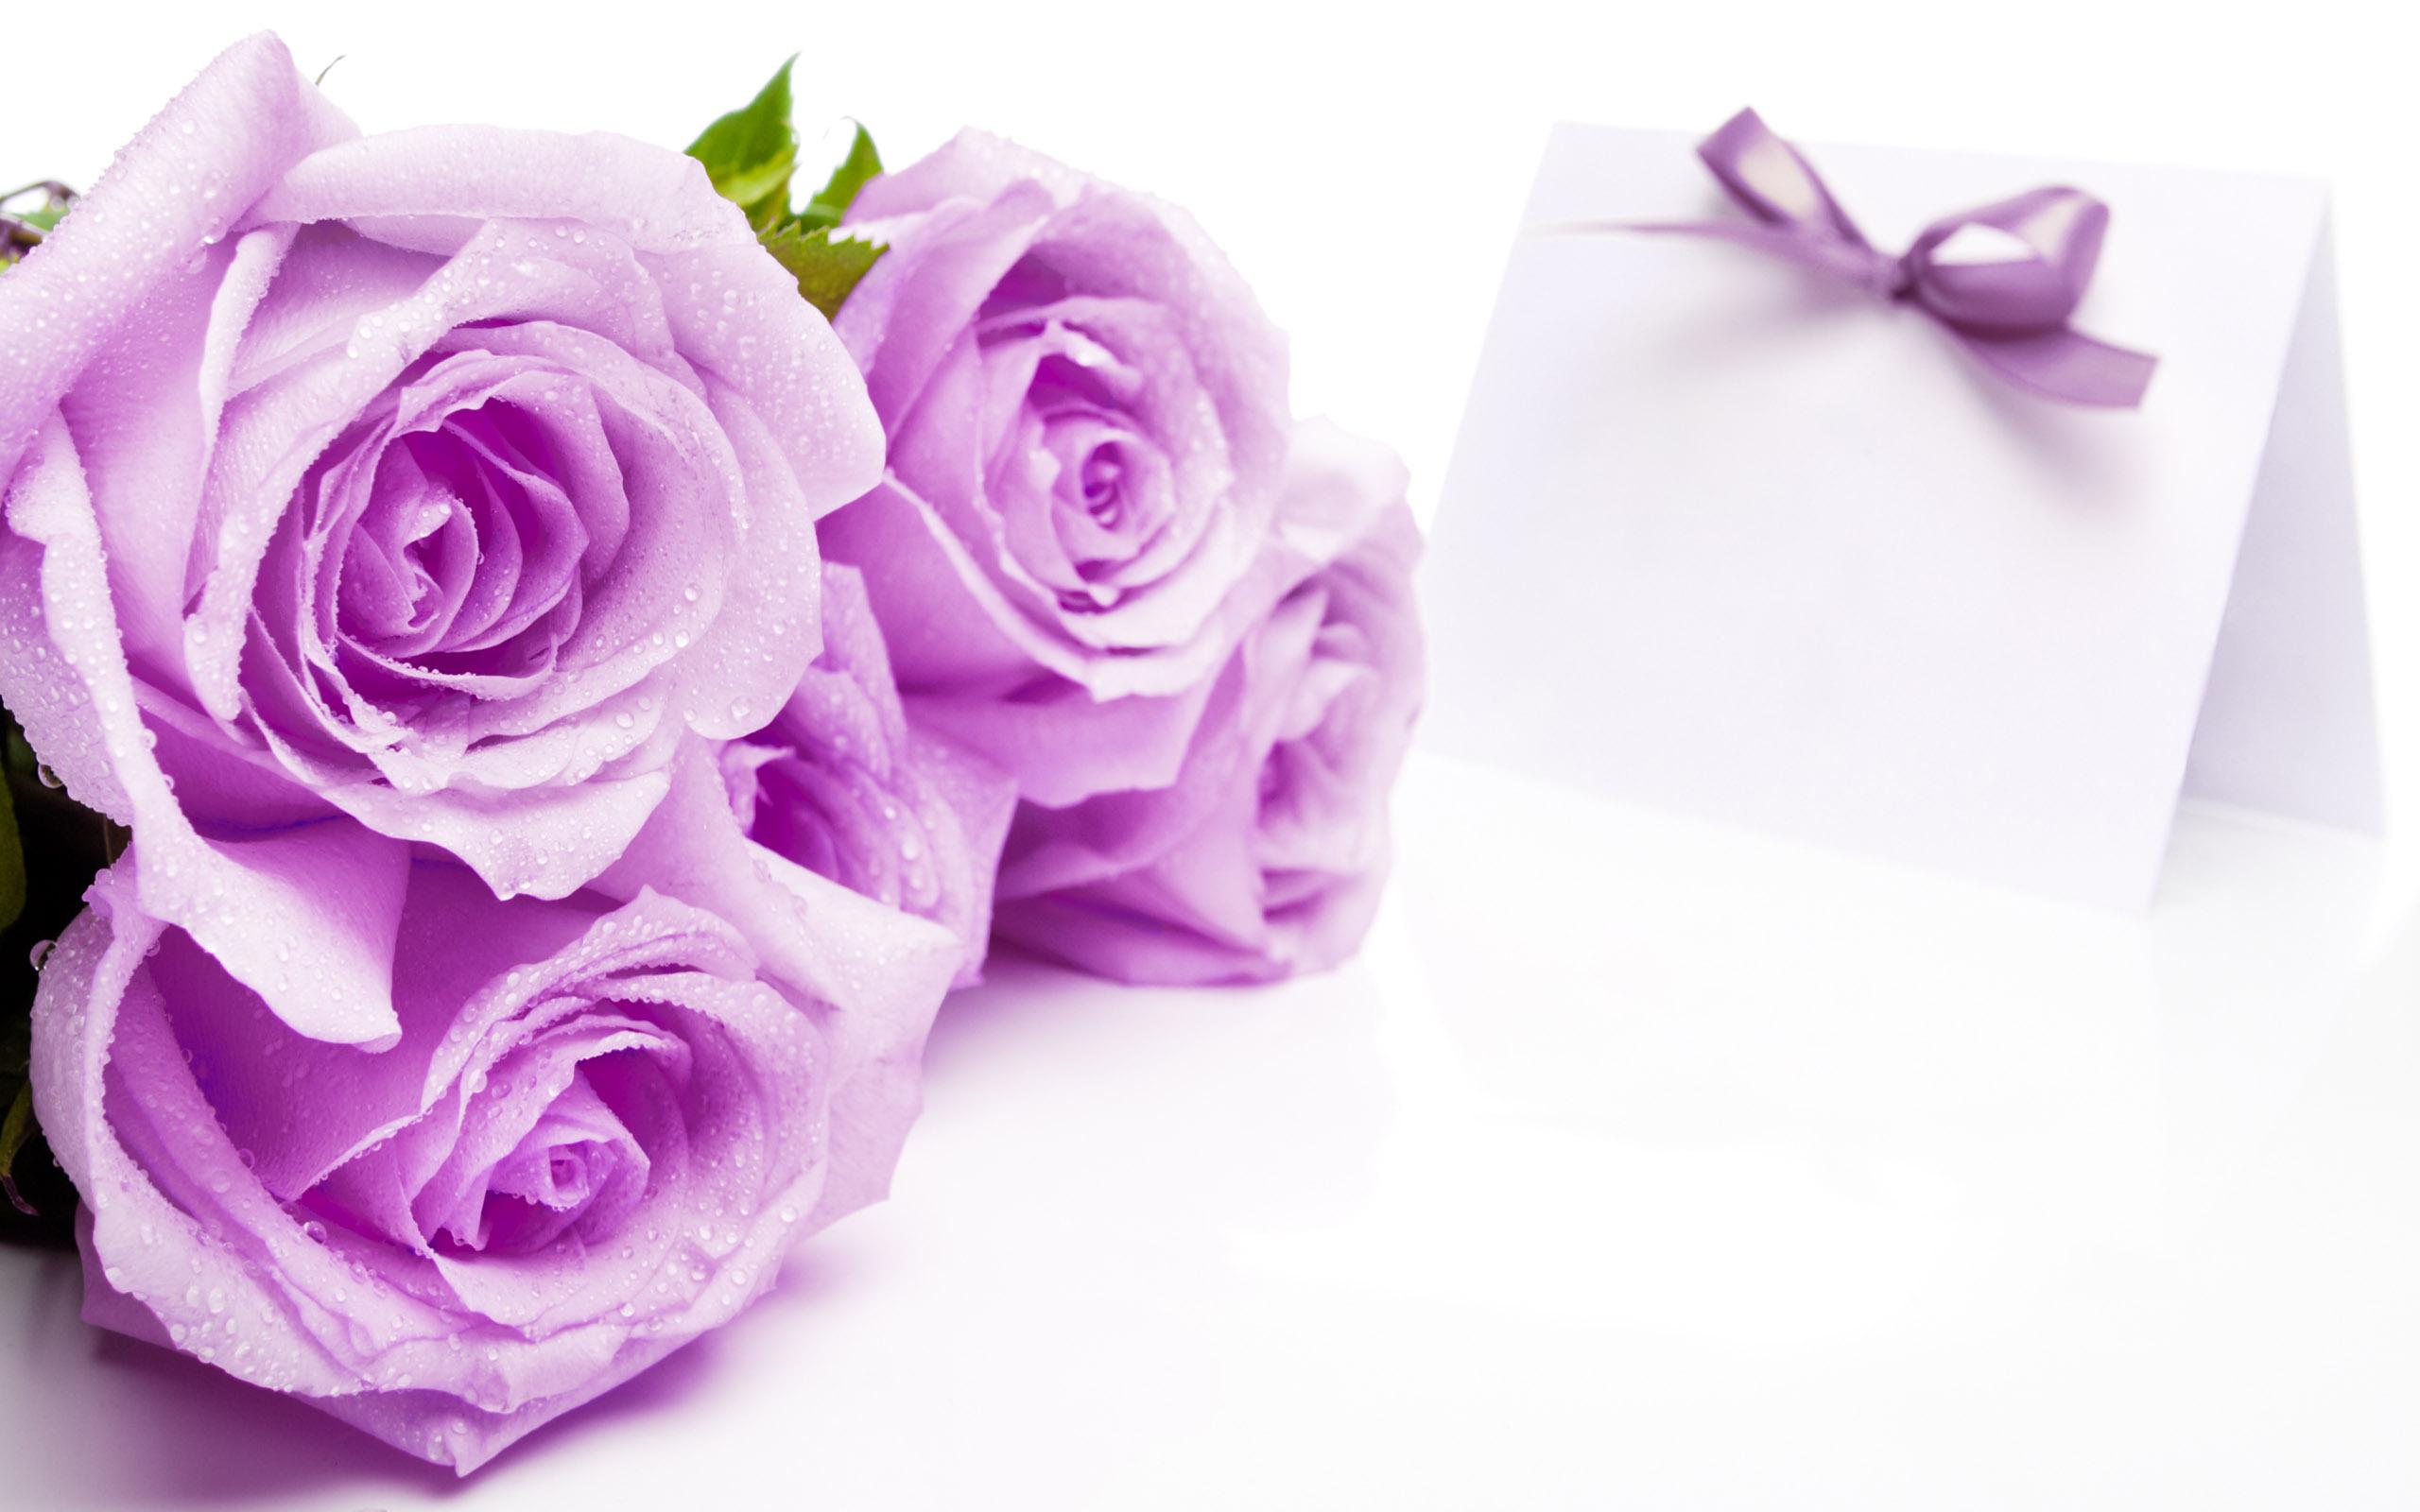 тобой 8 марта поздравления картинки для поздравления с днем рождения выдала